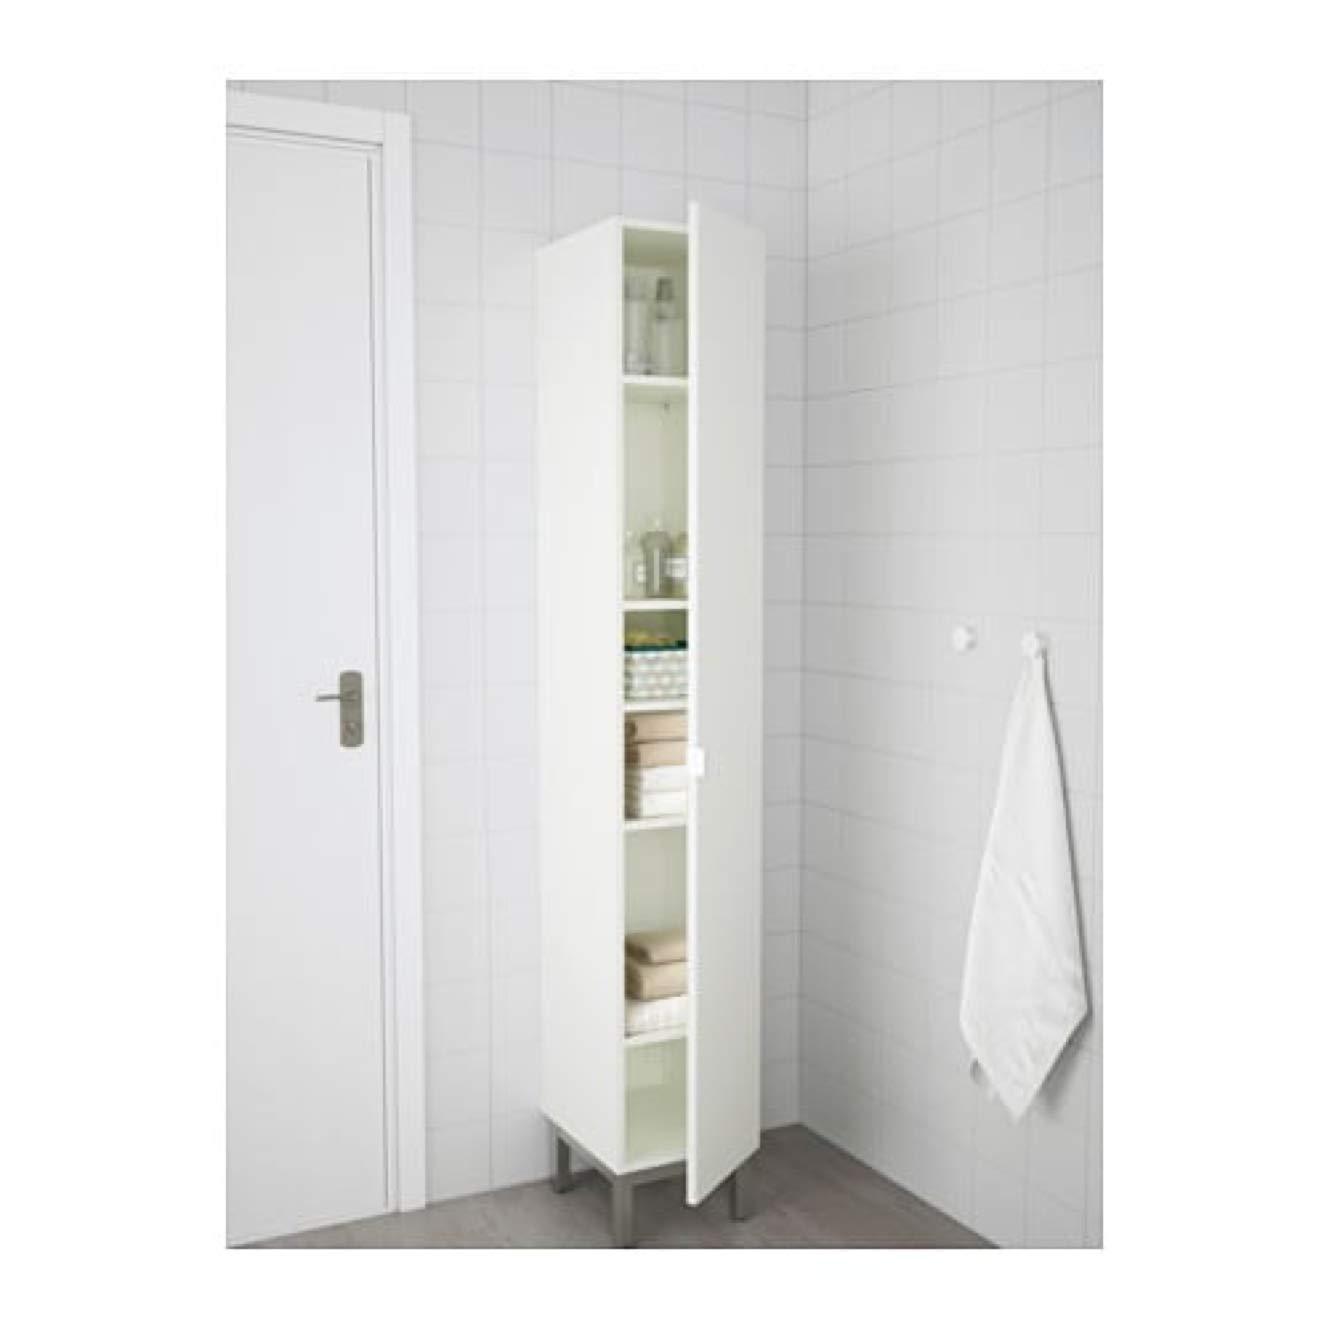 Ikea Lillangen 602.406.72 - Armario Alto (tamaño 11 3/4x15x70 1/2